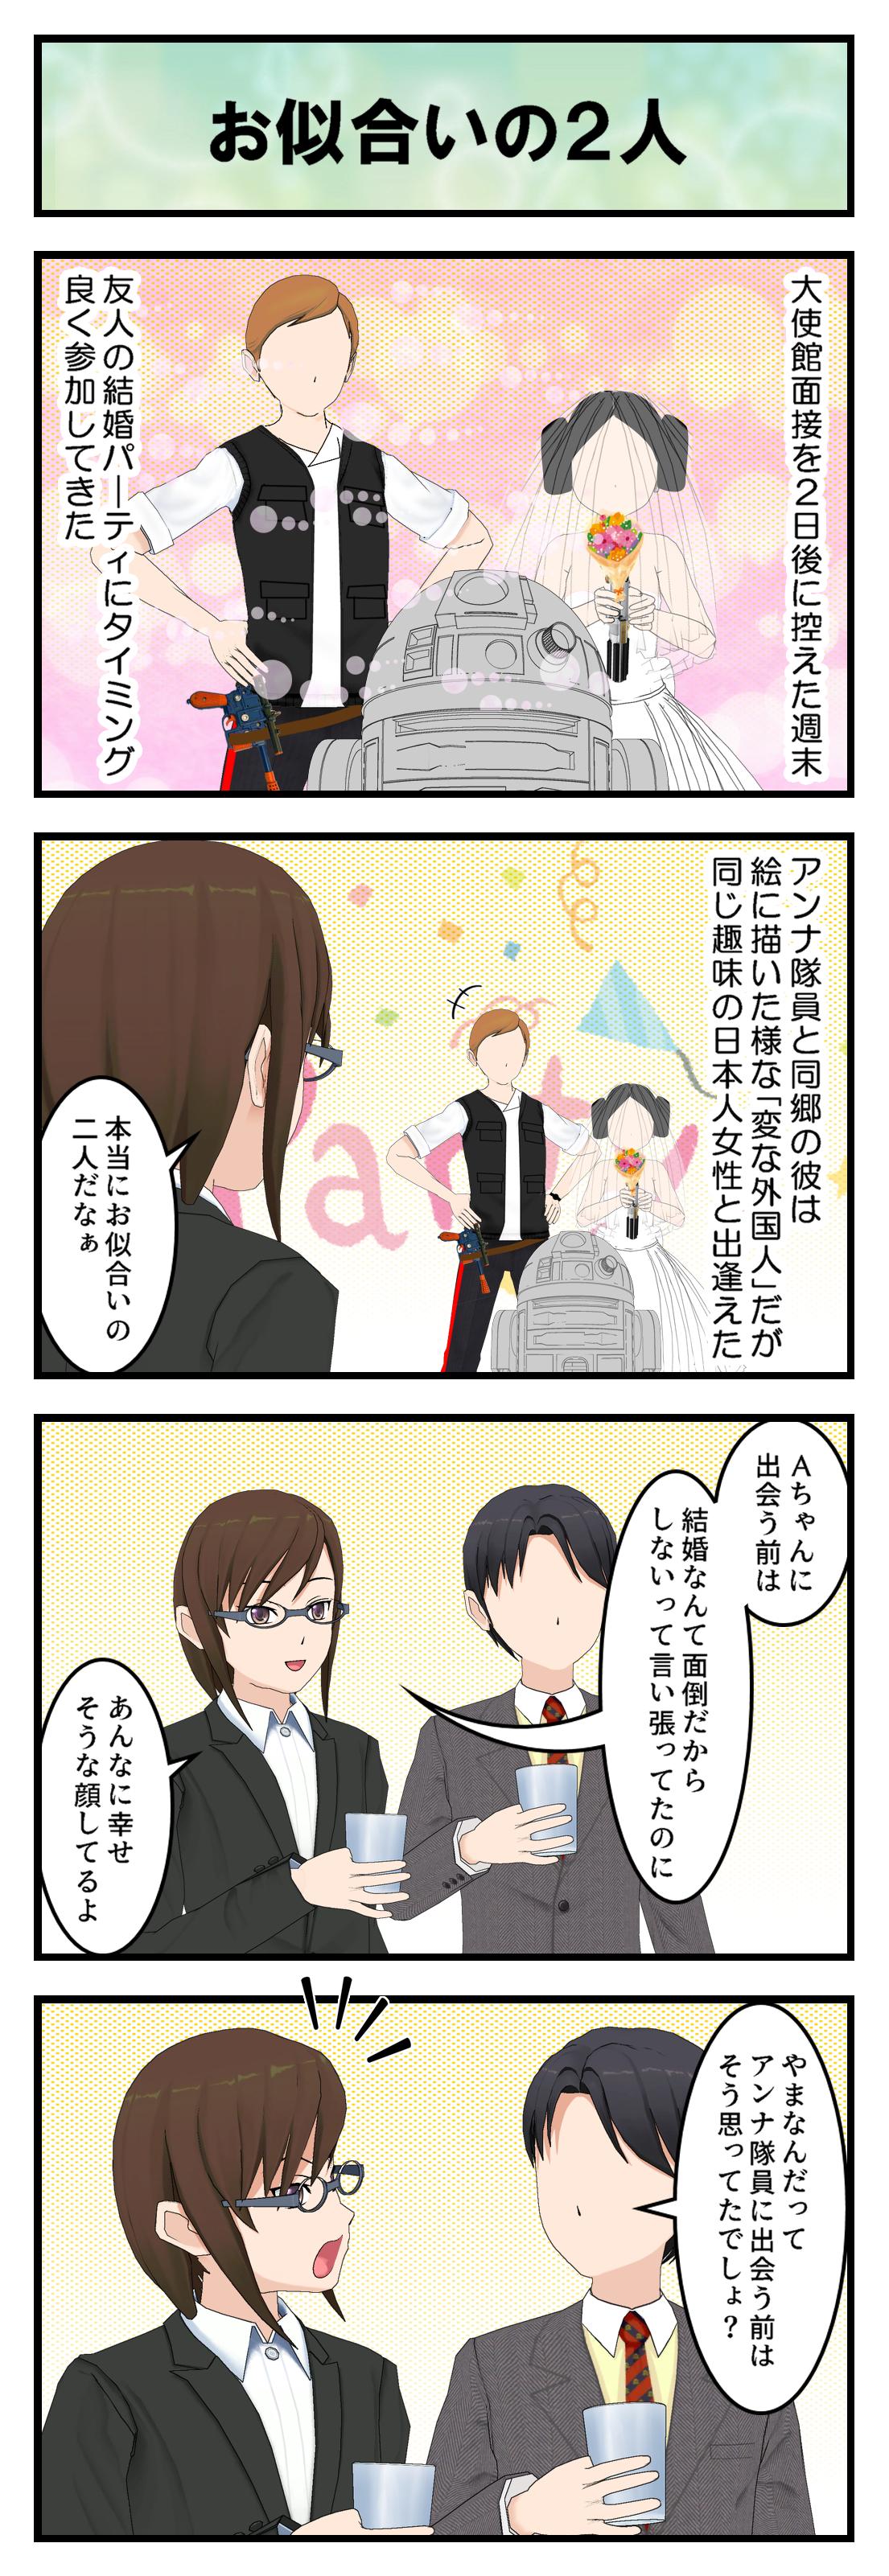 Q176_ロバあゆ結婚式1_001